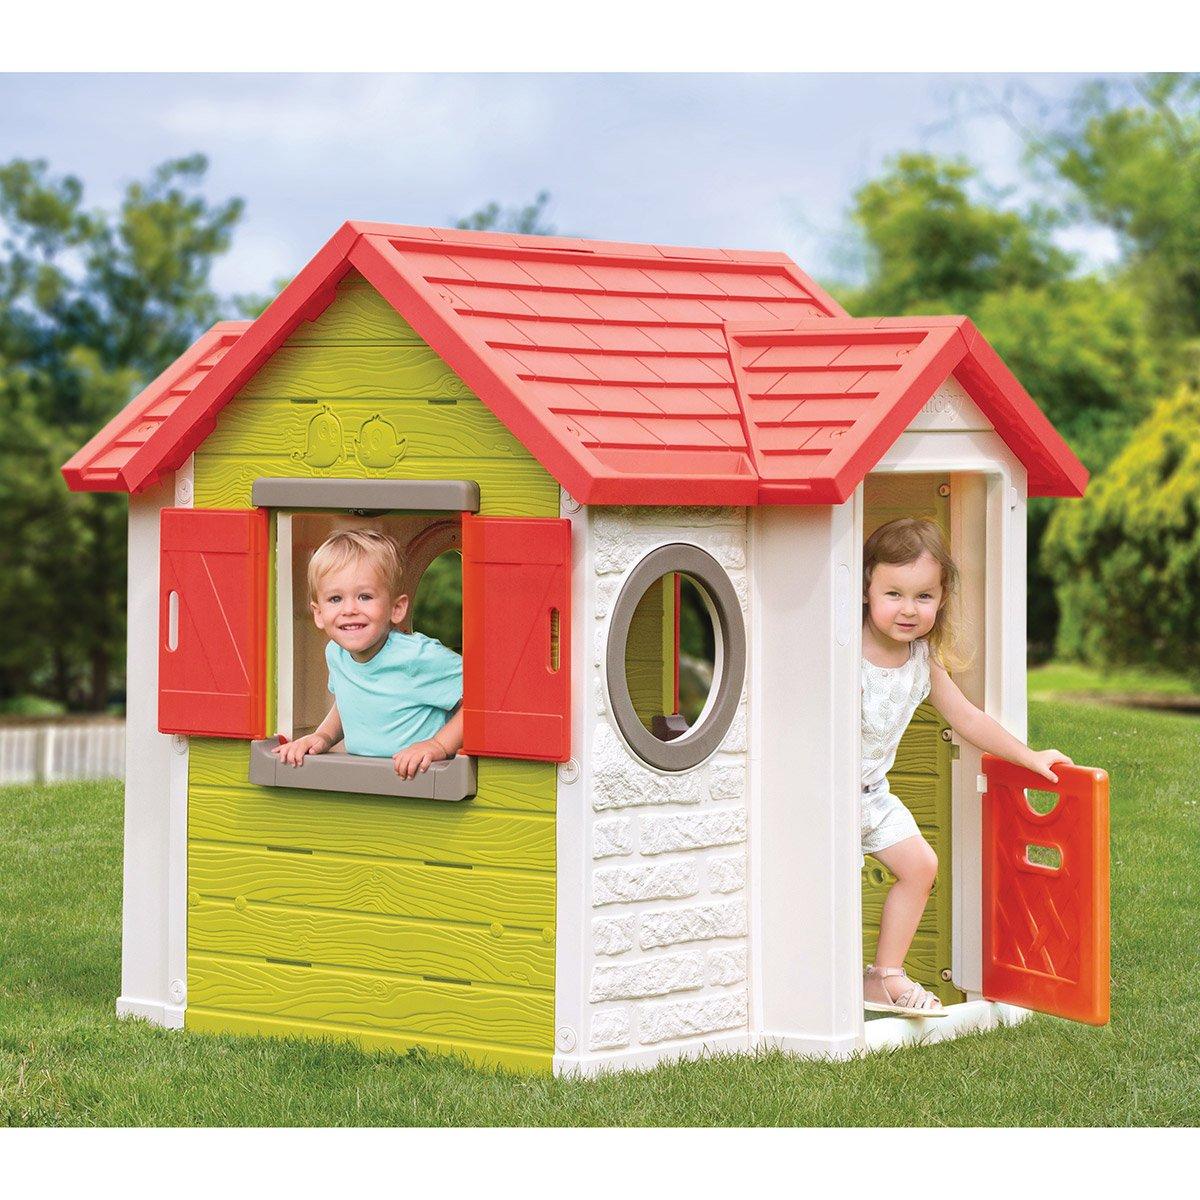 Maison My Neo House - Smoby - Maisons, Toboggans Et Jeux D ... avec Maison De Jardin Smoby